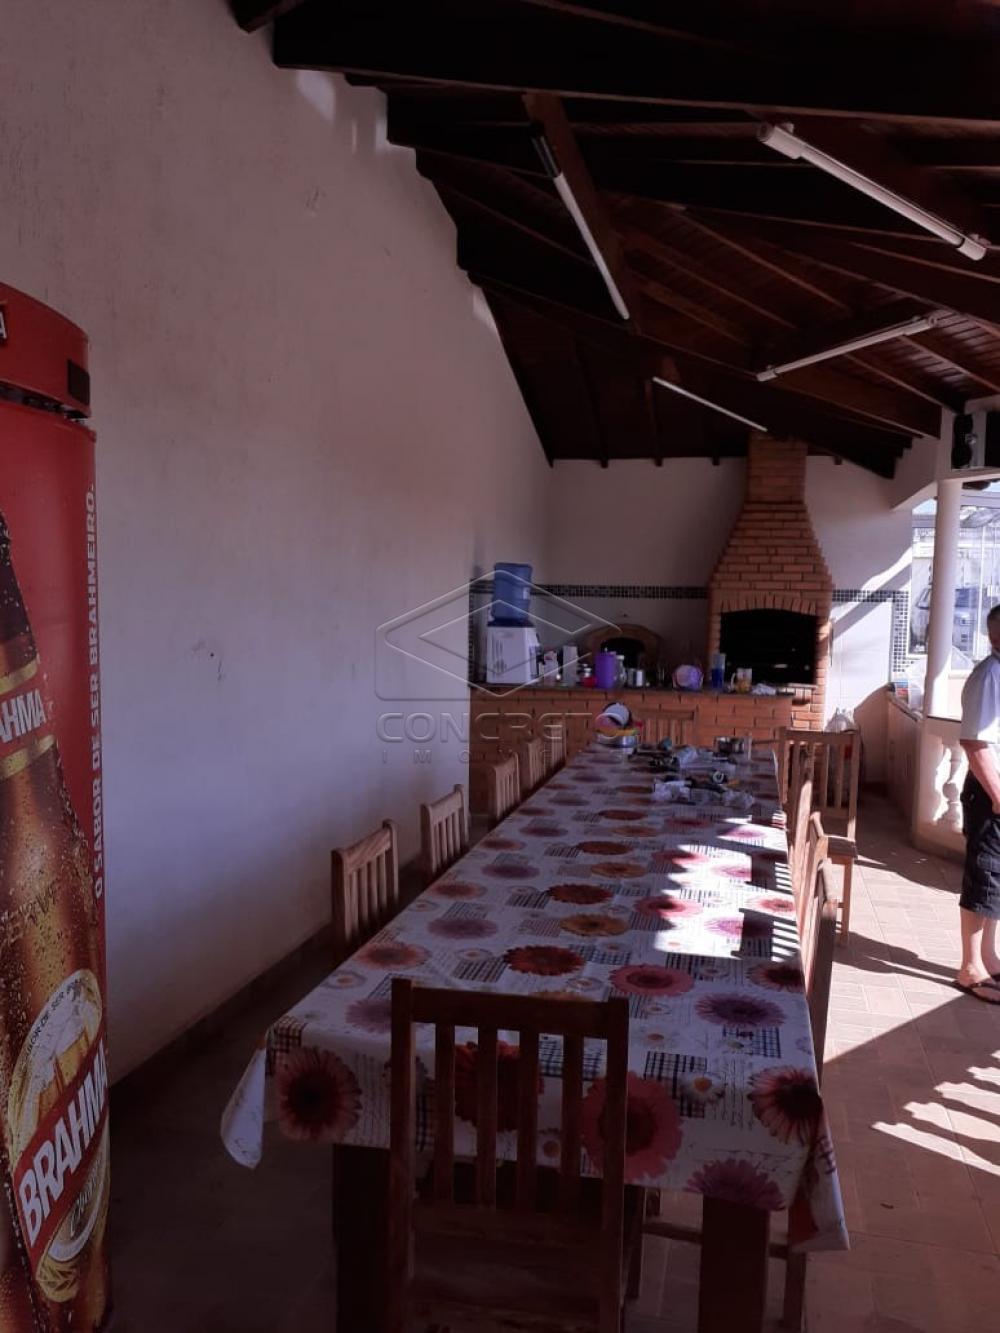 Comprar Casa / Padrão em Sao Manuel apenas R$ 1.250.000,00 - Foto 24